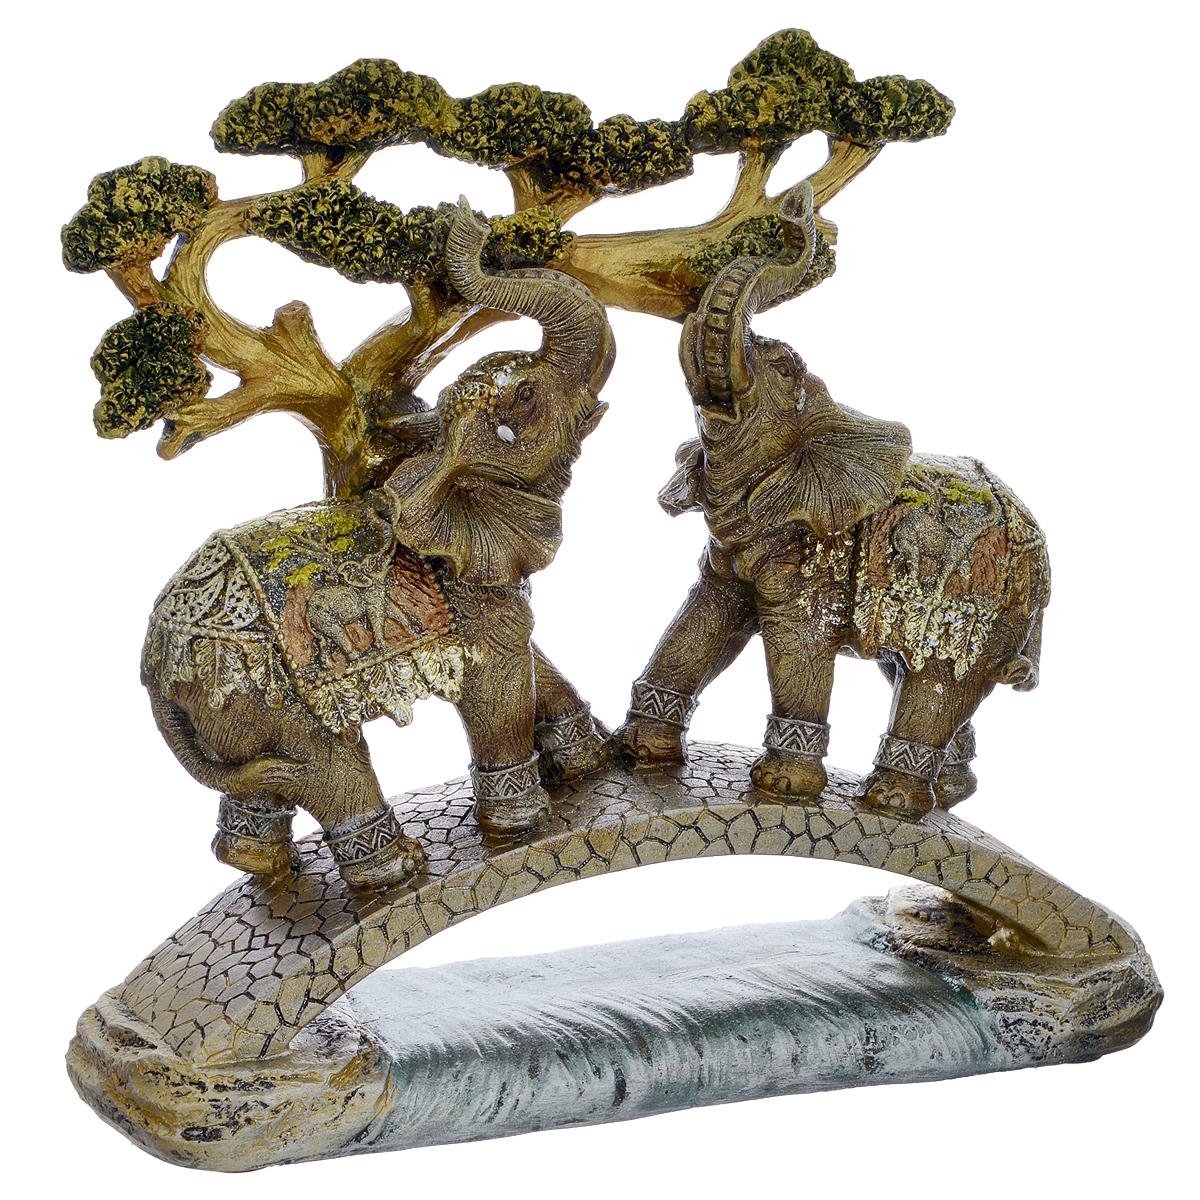 Фигурка декоративная Molento Слоны на мосту, высота 20,5 см вышивка на аничковом мосту